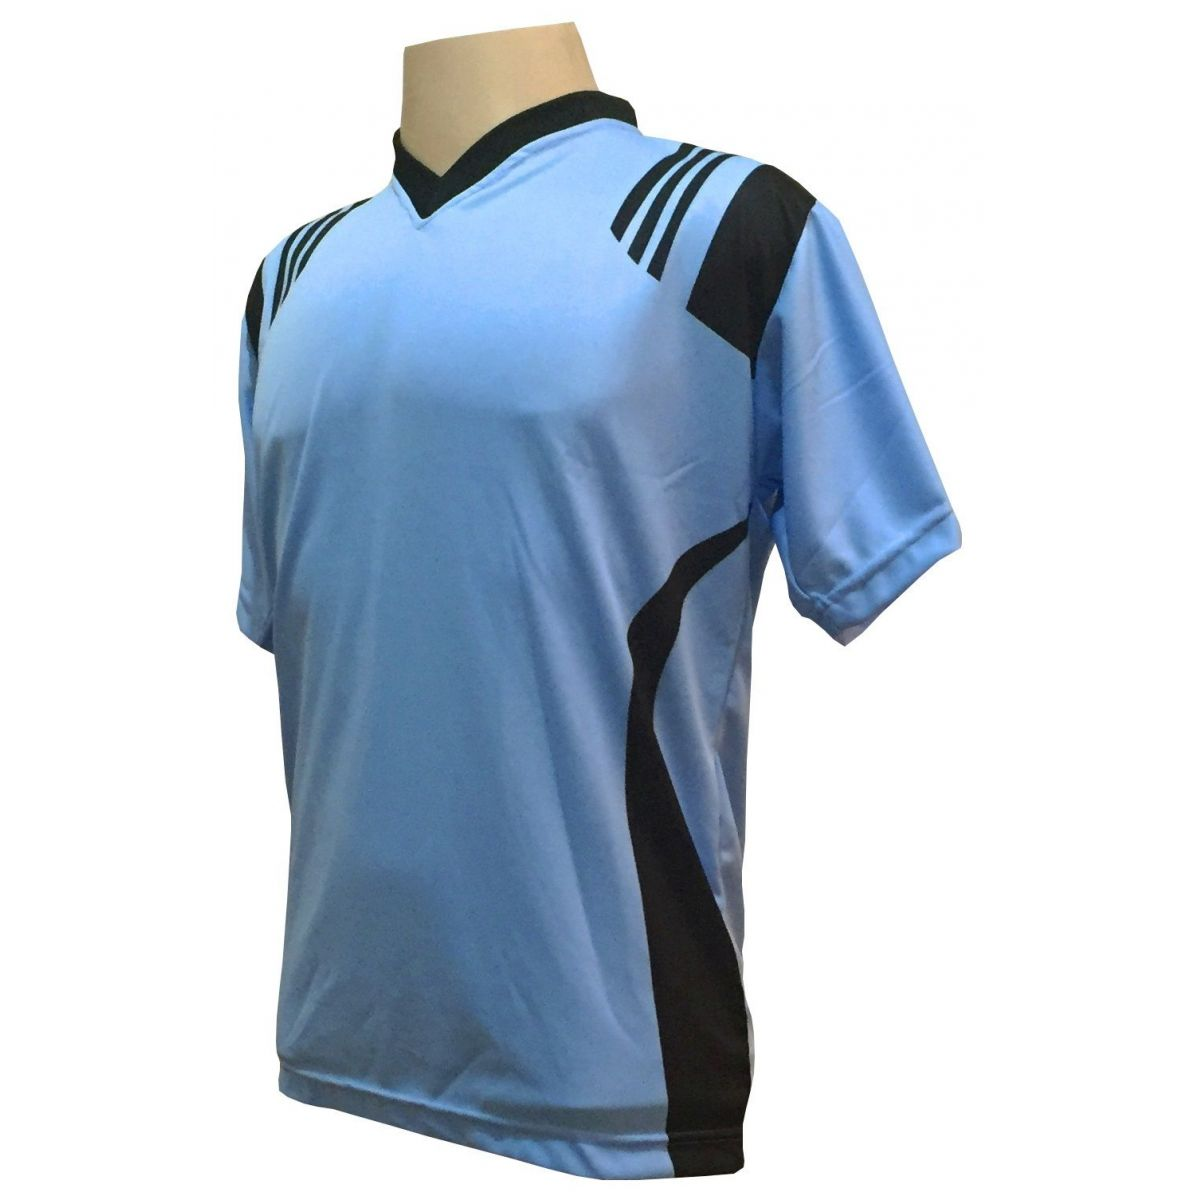 Uniforme Esportivo com 18 camisas modelo Roma Celeste/Preto + 18 calções modelo Madrid Preto + 18 pares de meiões Preto